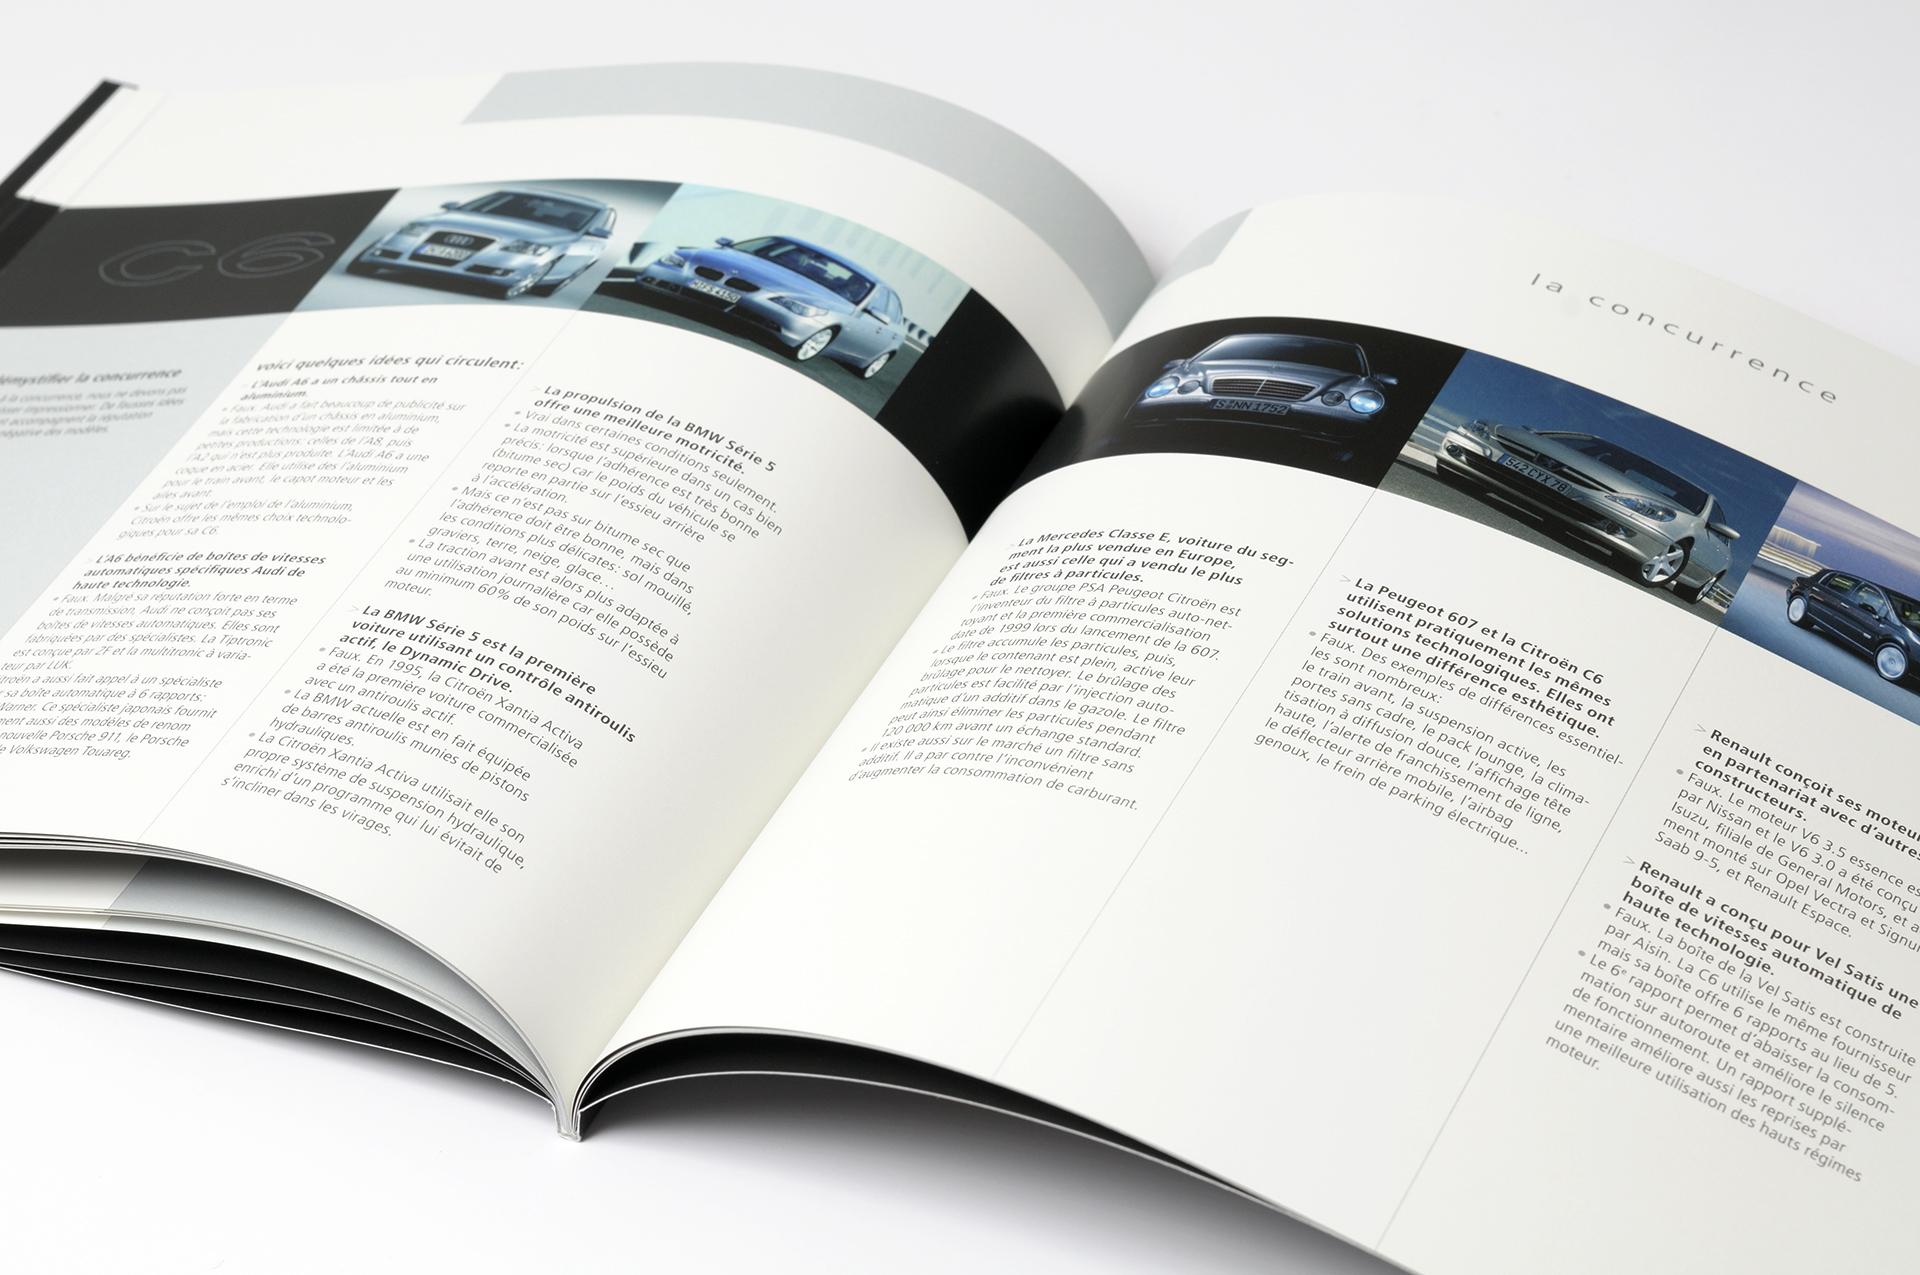 Ontwerp brochure Citroën C6